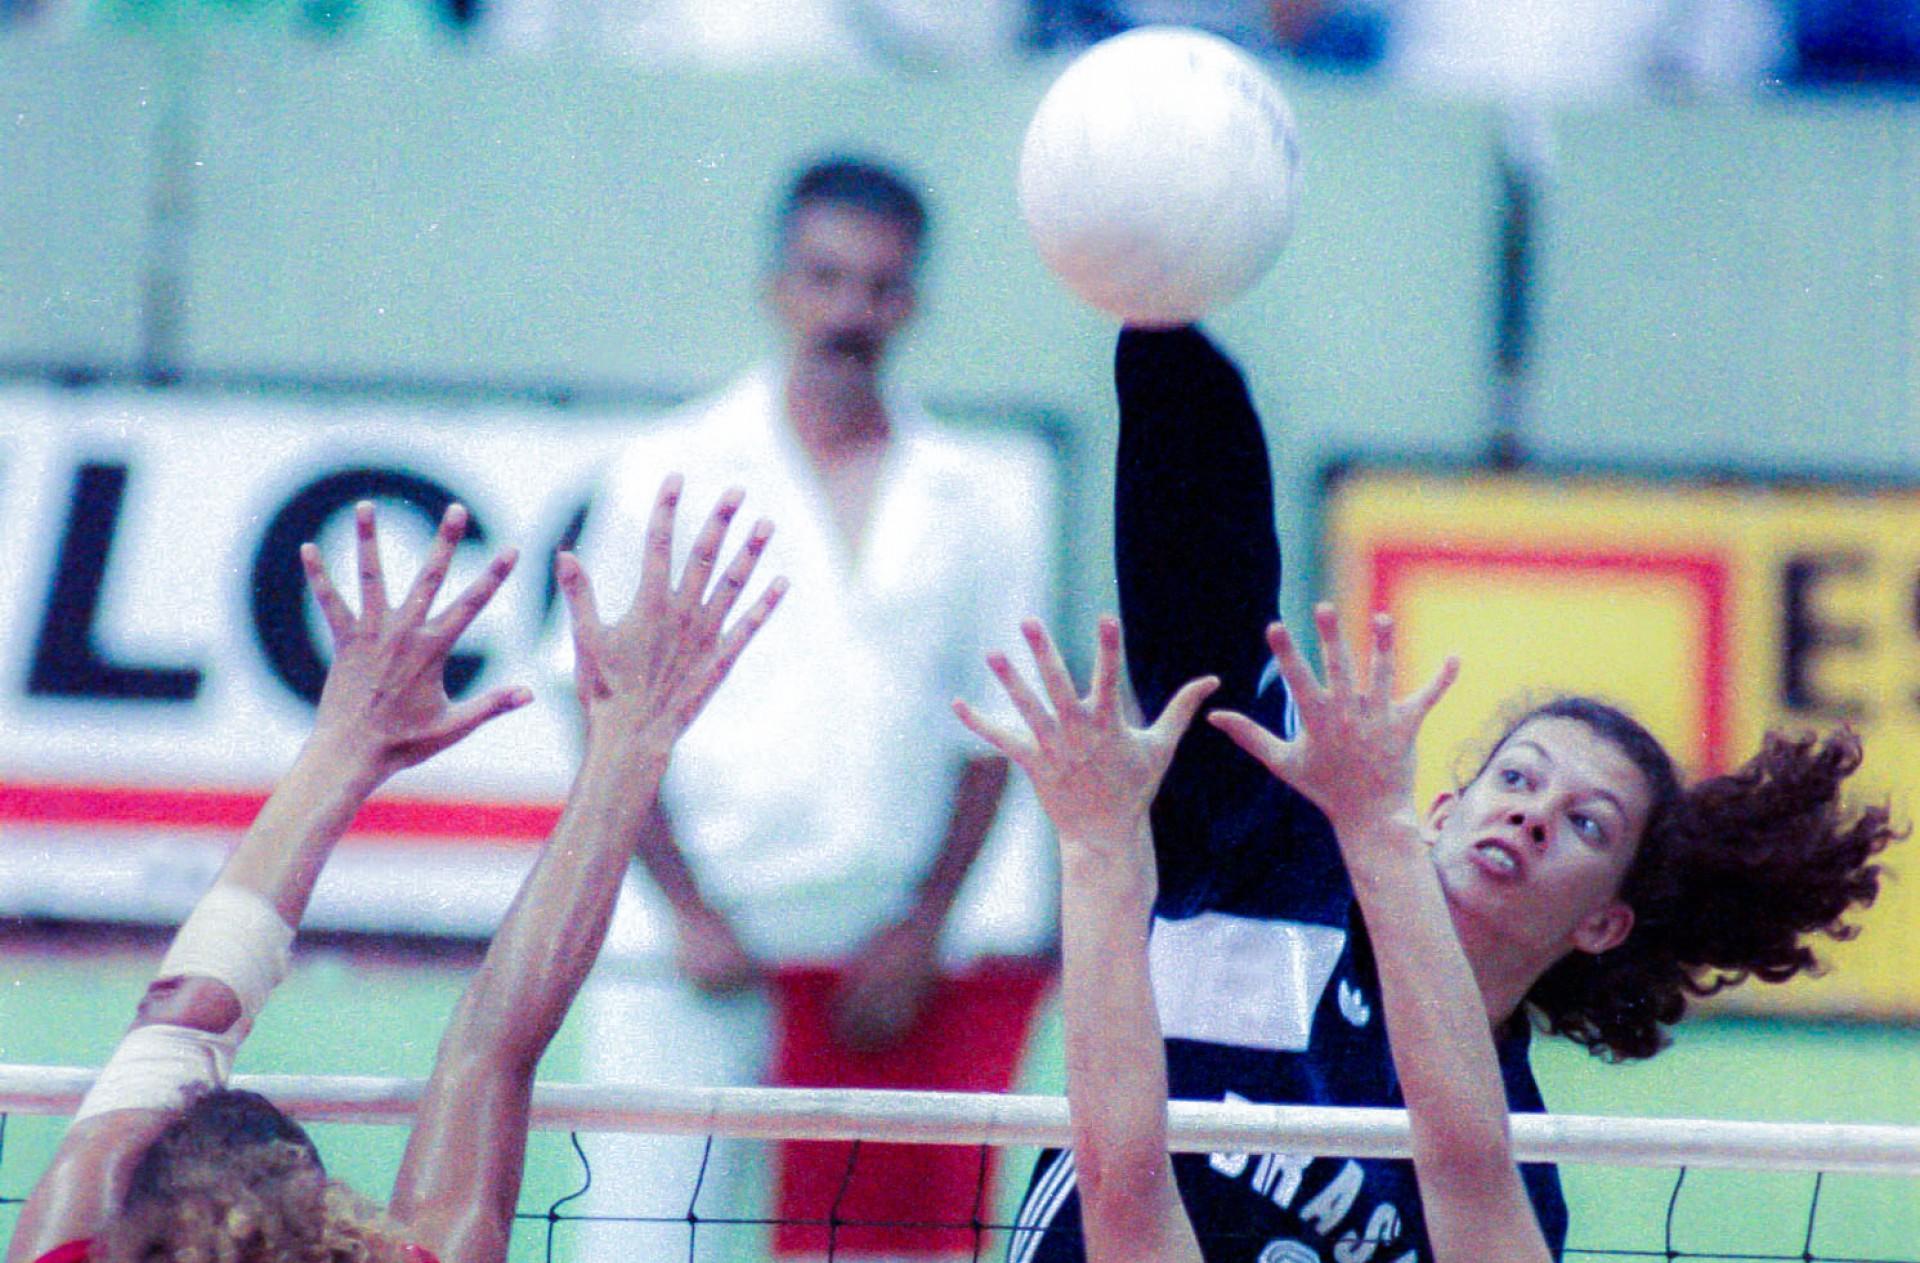 Cuba, Ciudad de la Habana, Havana. Agosto de 1991. A atacante brasileira Ana Moser executa uma cortada em jogo da Seleção Brasileira de vôlei feminino nos Jogos Pan-americanos de 1991, realizados em Havana. (Foto: SÉRGIO BEREZOVSKY/AE)